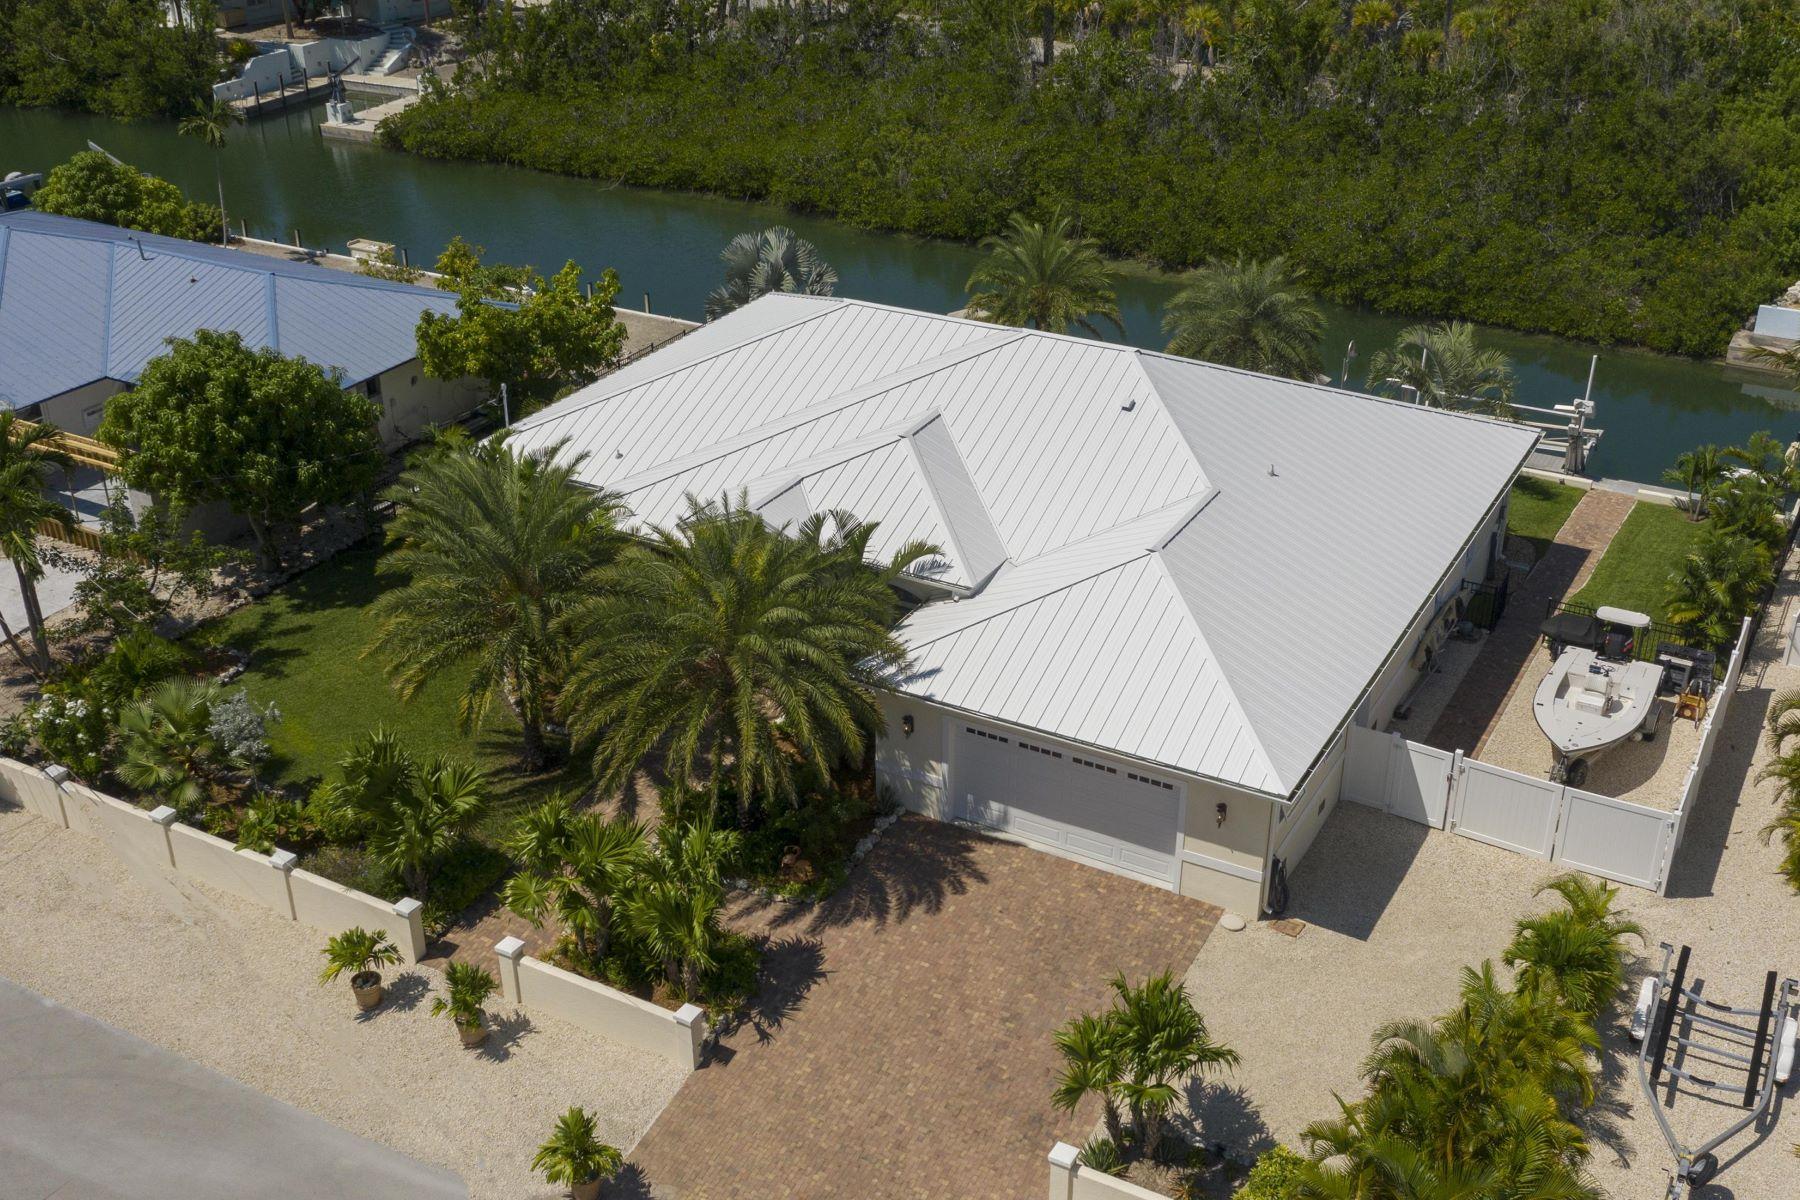 Single Family Homes için Satış at 20731 W 2nd Avenue, Cudjoe, FL Cudjoe Key, Florida 33042 Amerika Birleşik Devletleri